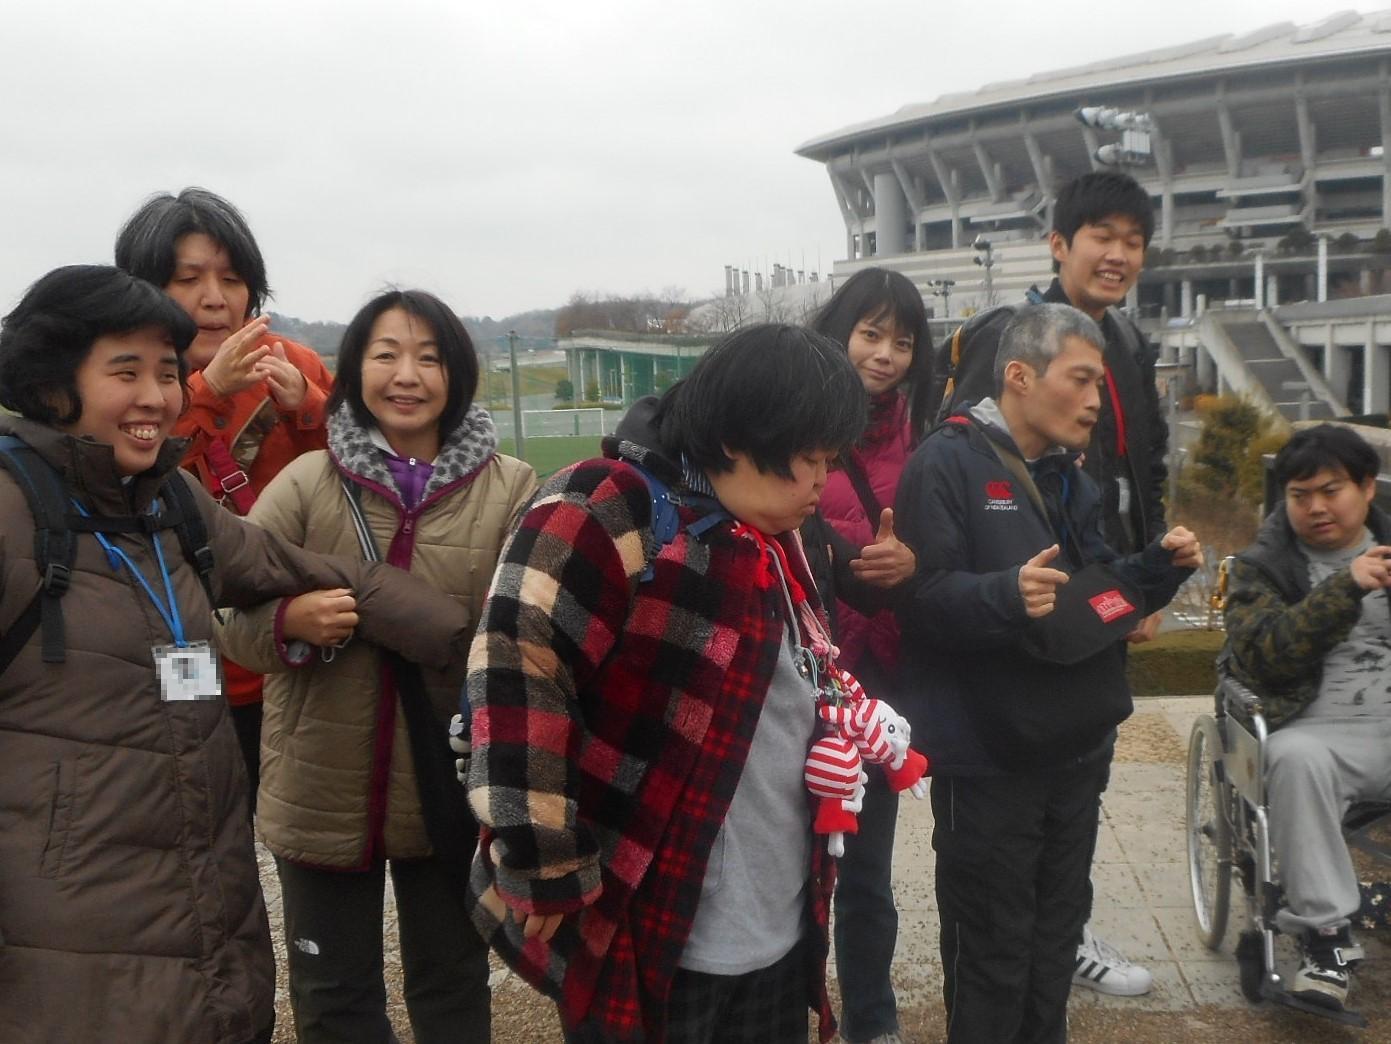 太陽の家藤の実学園より「新横浜ラーメン博物館に行って来ました!」